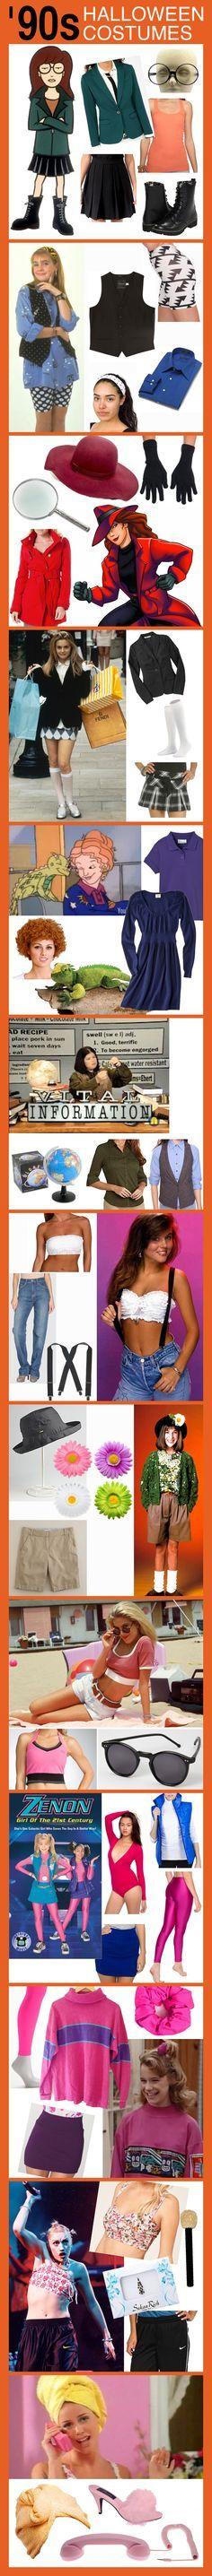 Sei ein Mädchen der 90er Jahre in einer Welt der 90er Jahre dieses Halloween